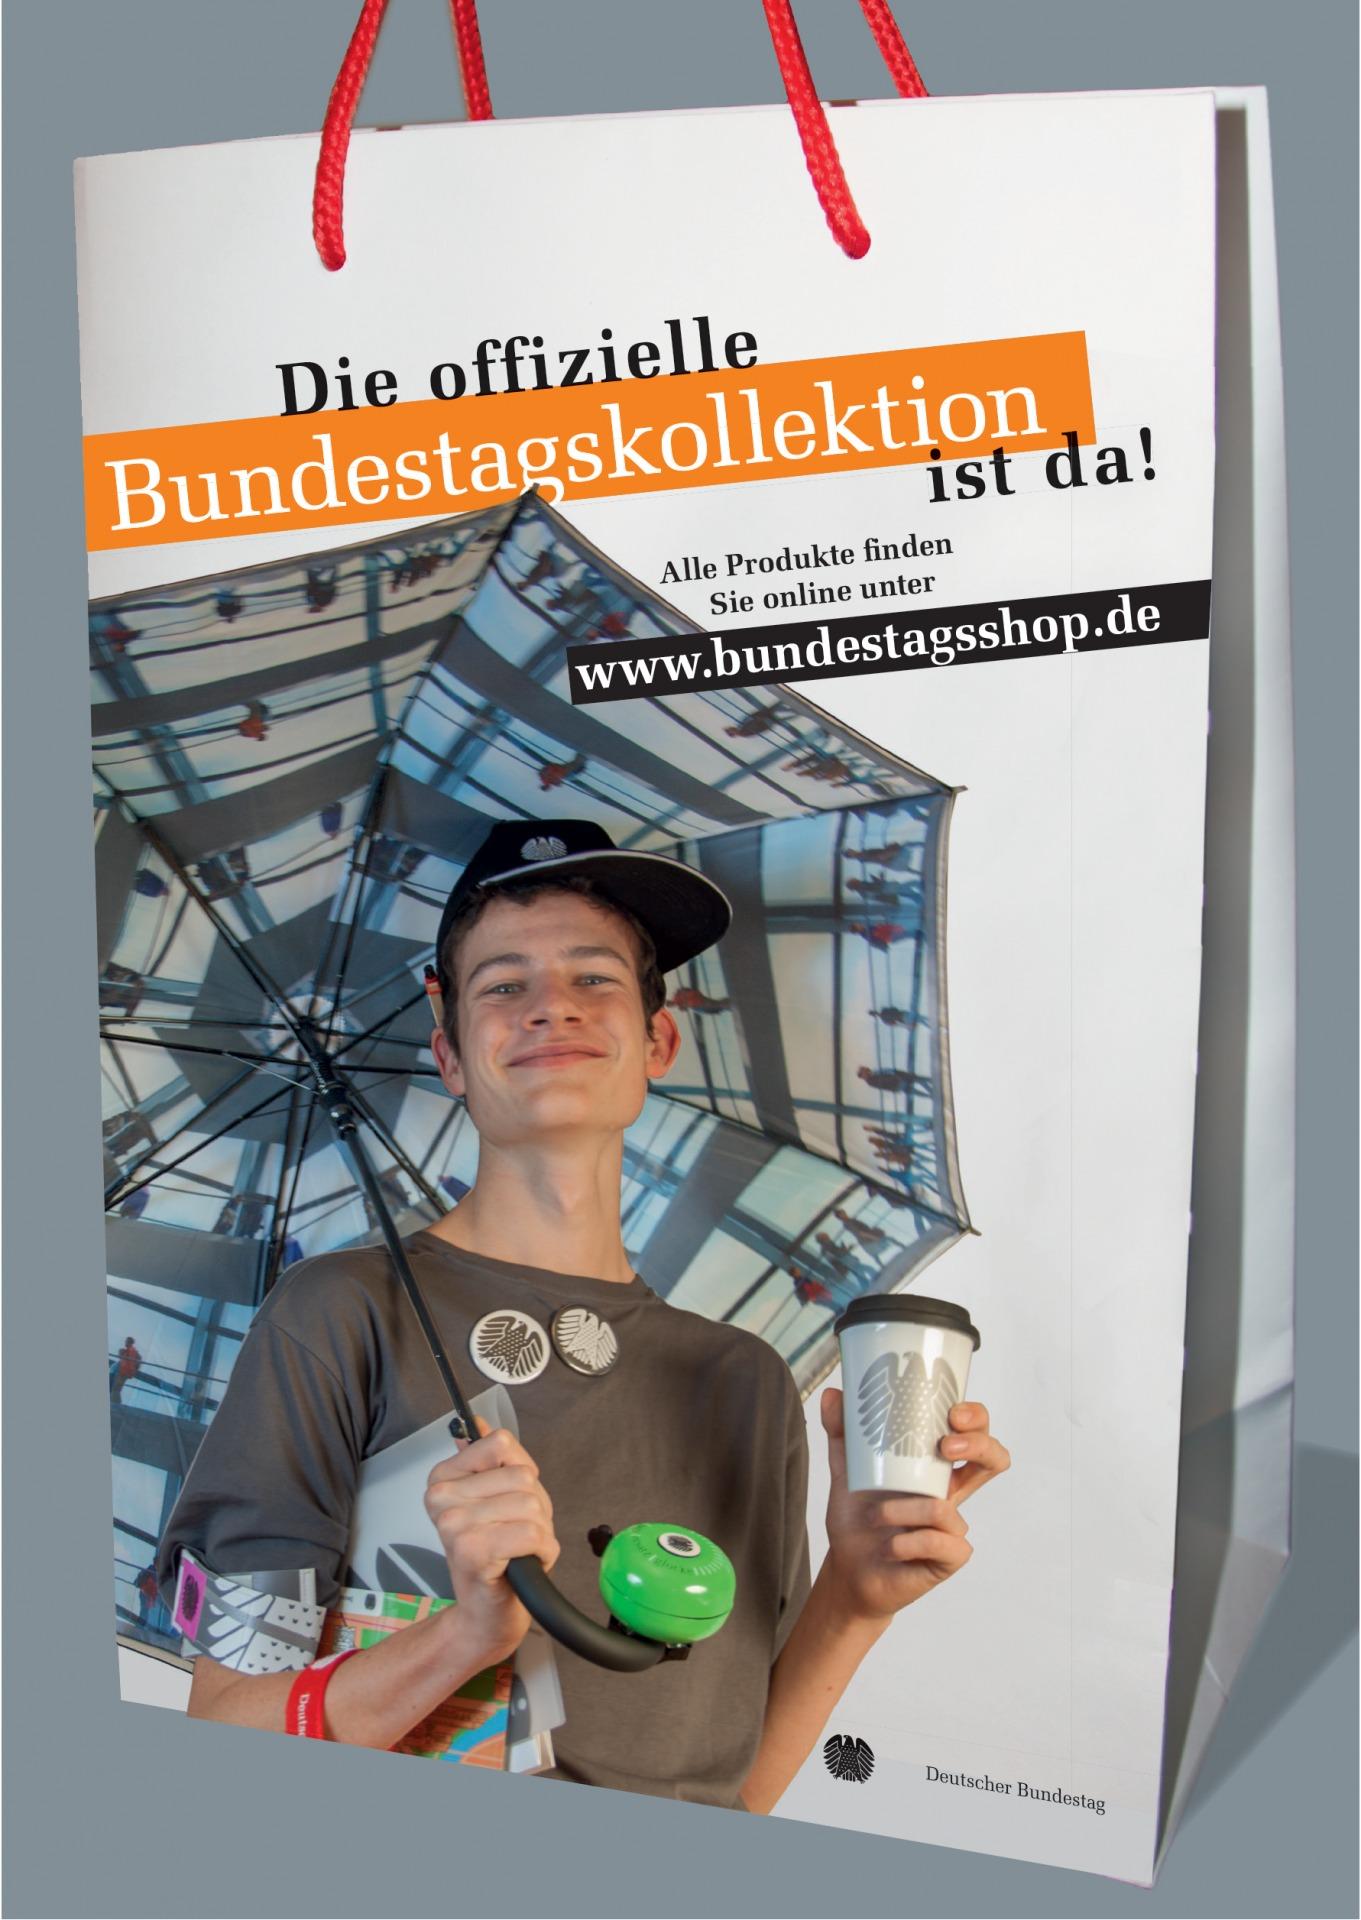 Plakat Bundestagsshop - Typoly